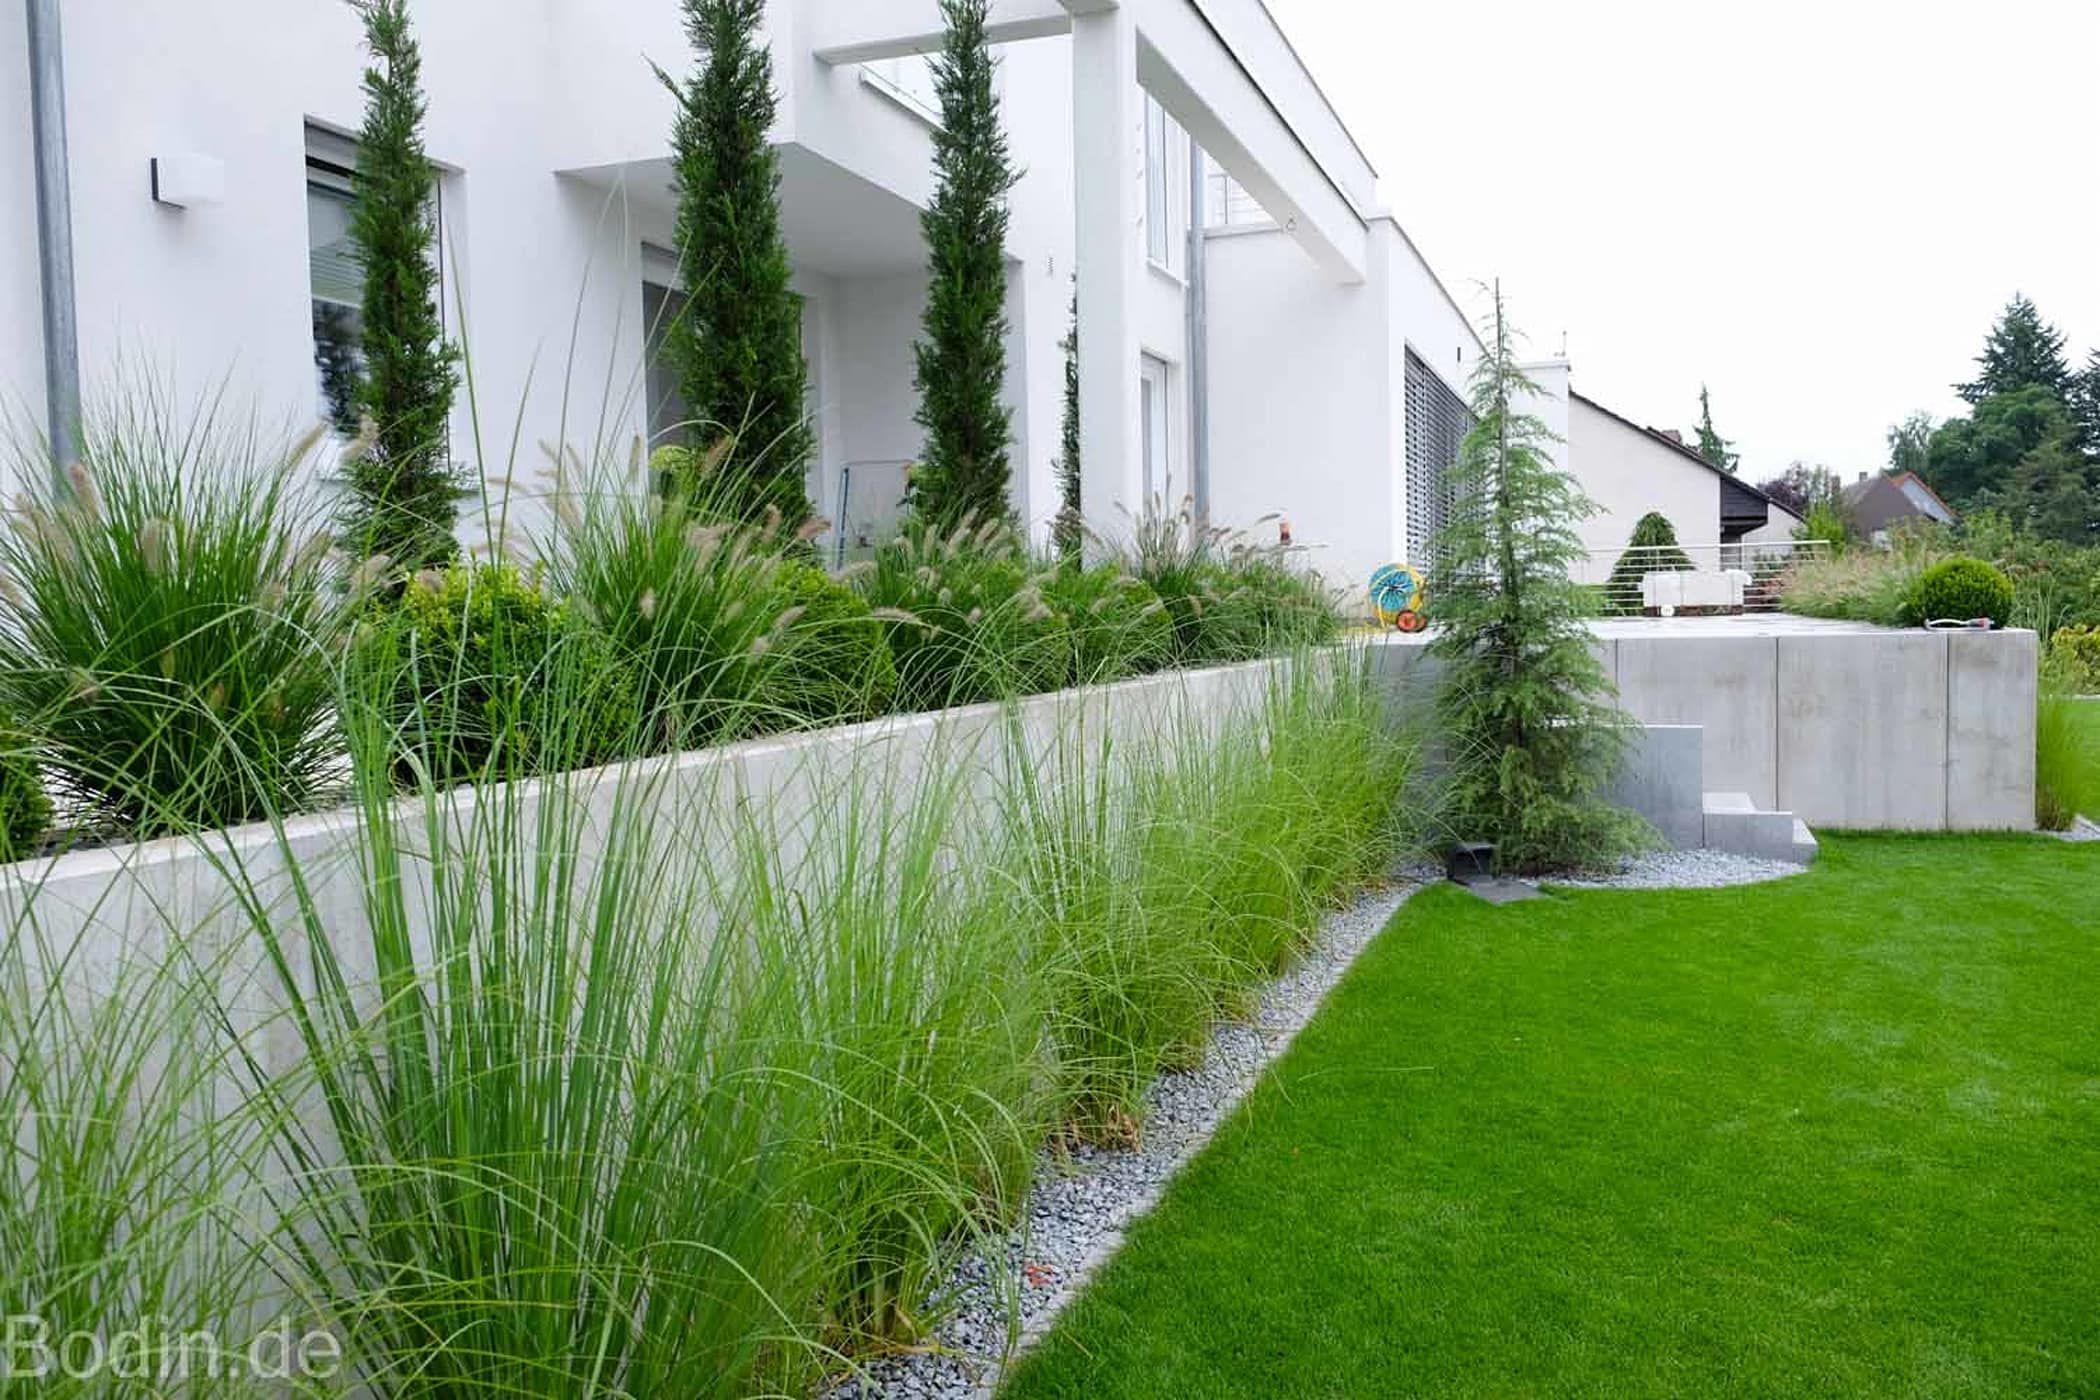 Gartengestaltung Im Bauhausstil Bodin Pflanzliche Raumgestaltung Gmbh Moderner Garten Homify Gartengestaltung Garten Landschaftsbau Moderner Garten